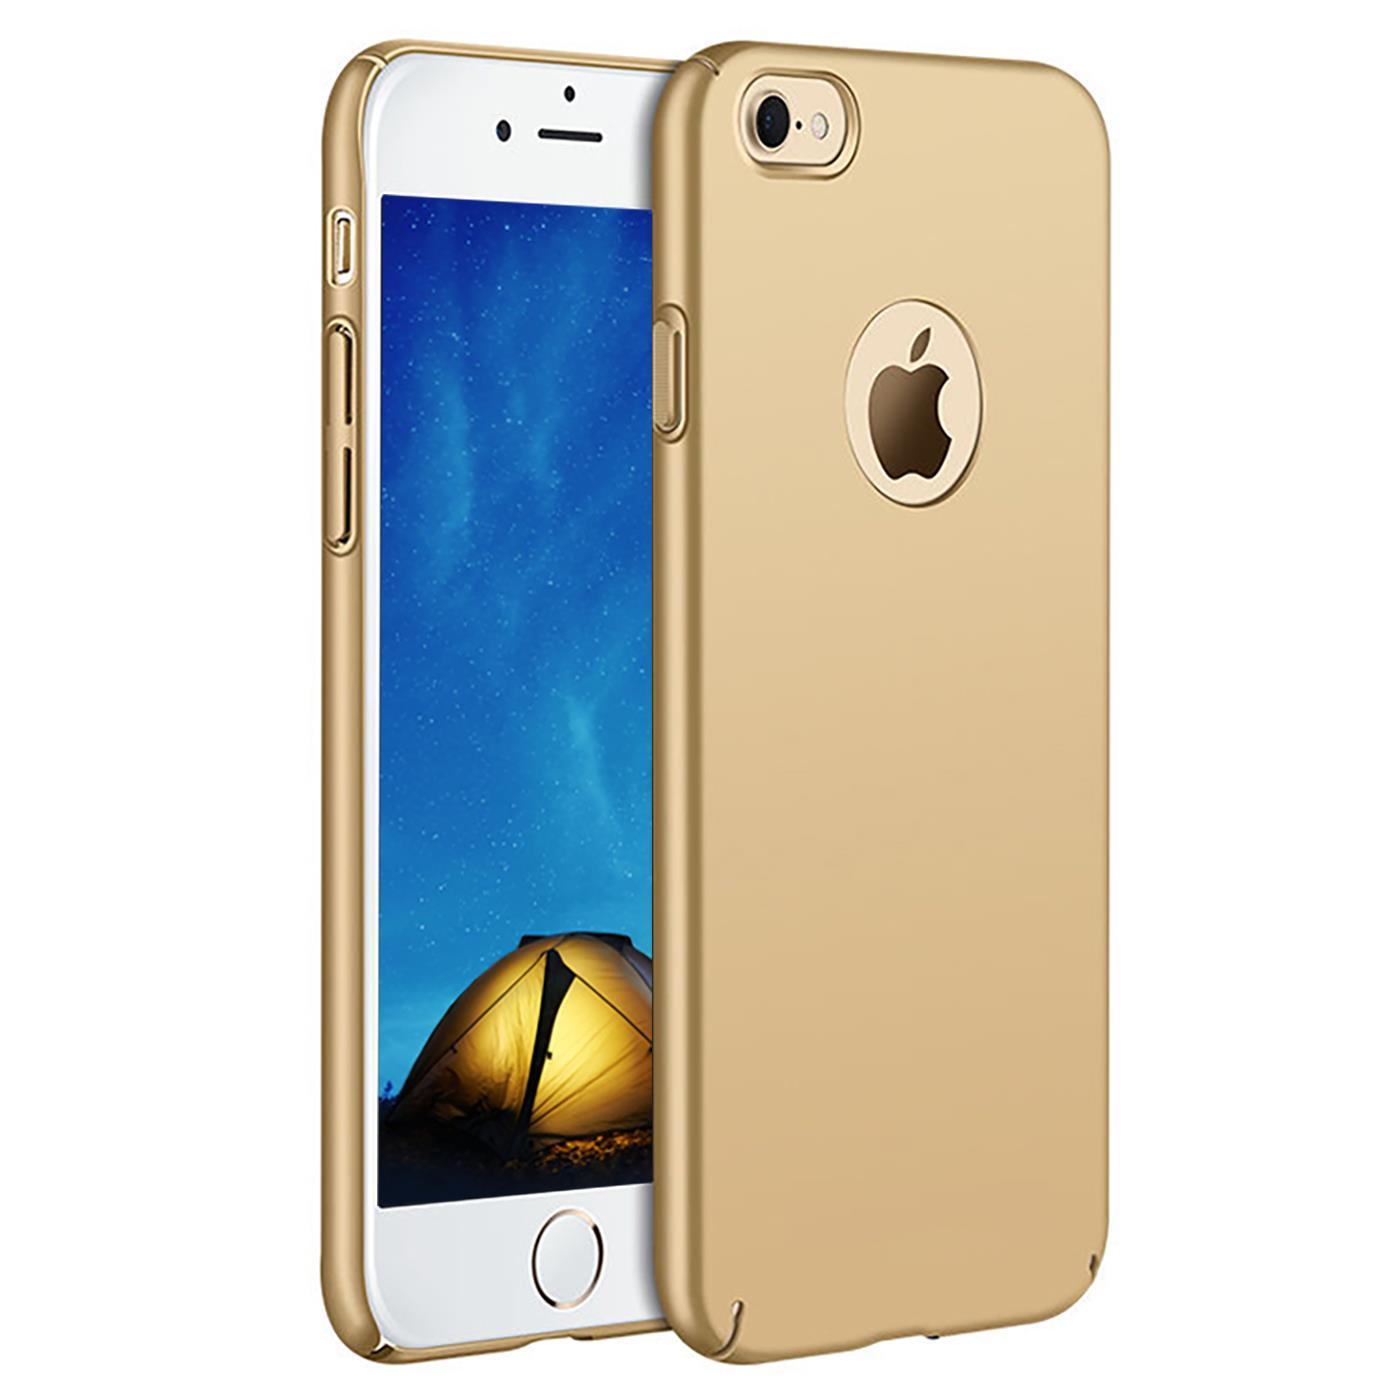 Slim-Cover-Schutzhuelle-Apple-iPhone-Handy-Schutz-Tasche-Huelle-Glas-Panzer-Folie Indexbild 21